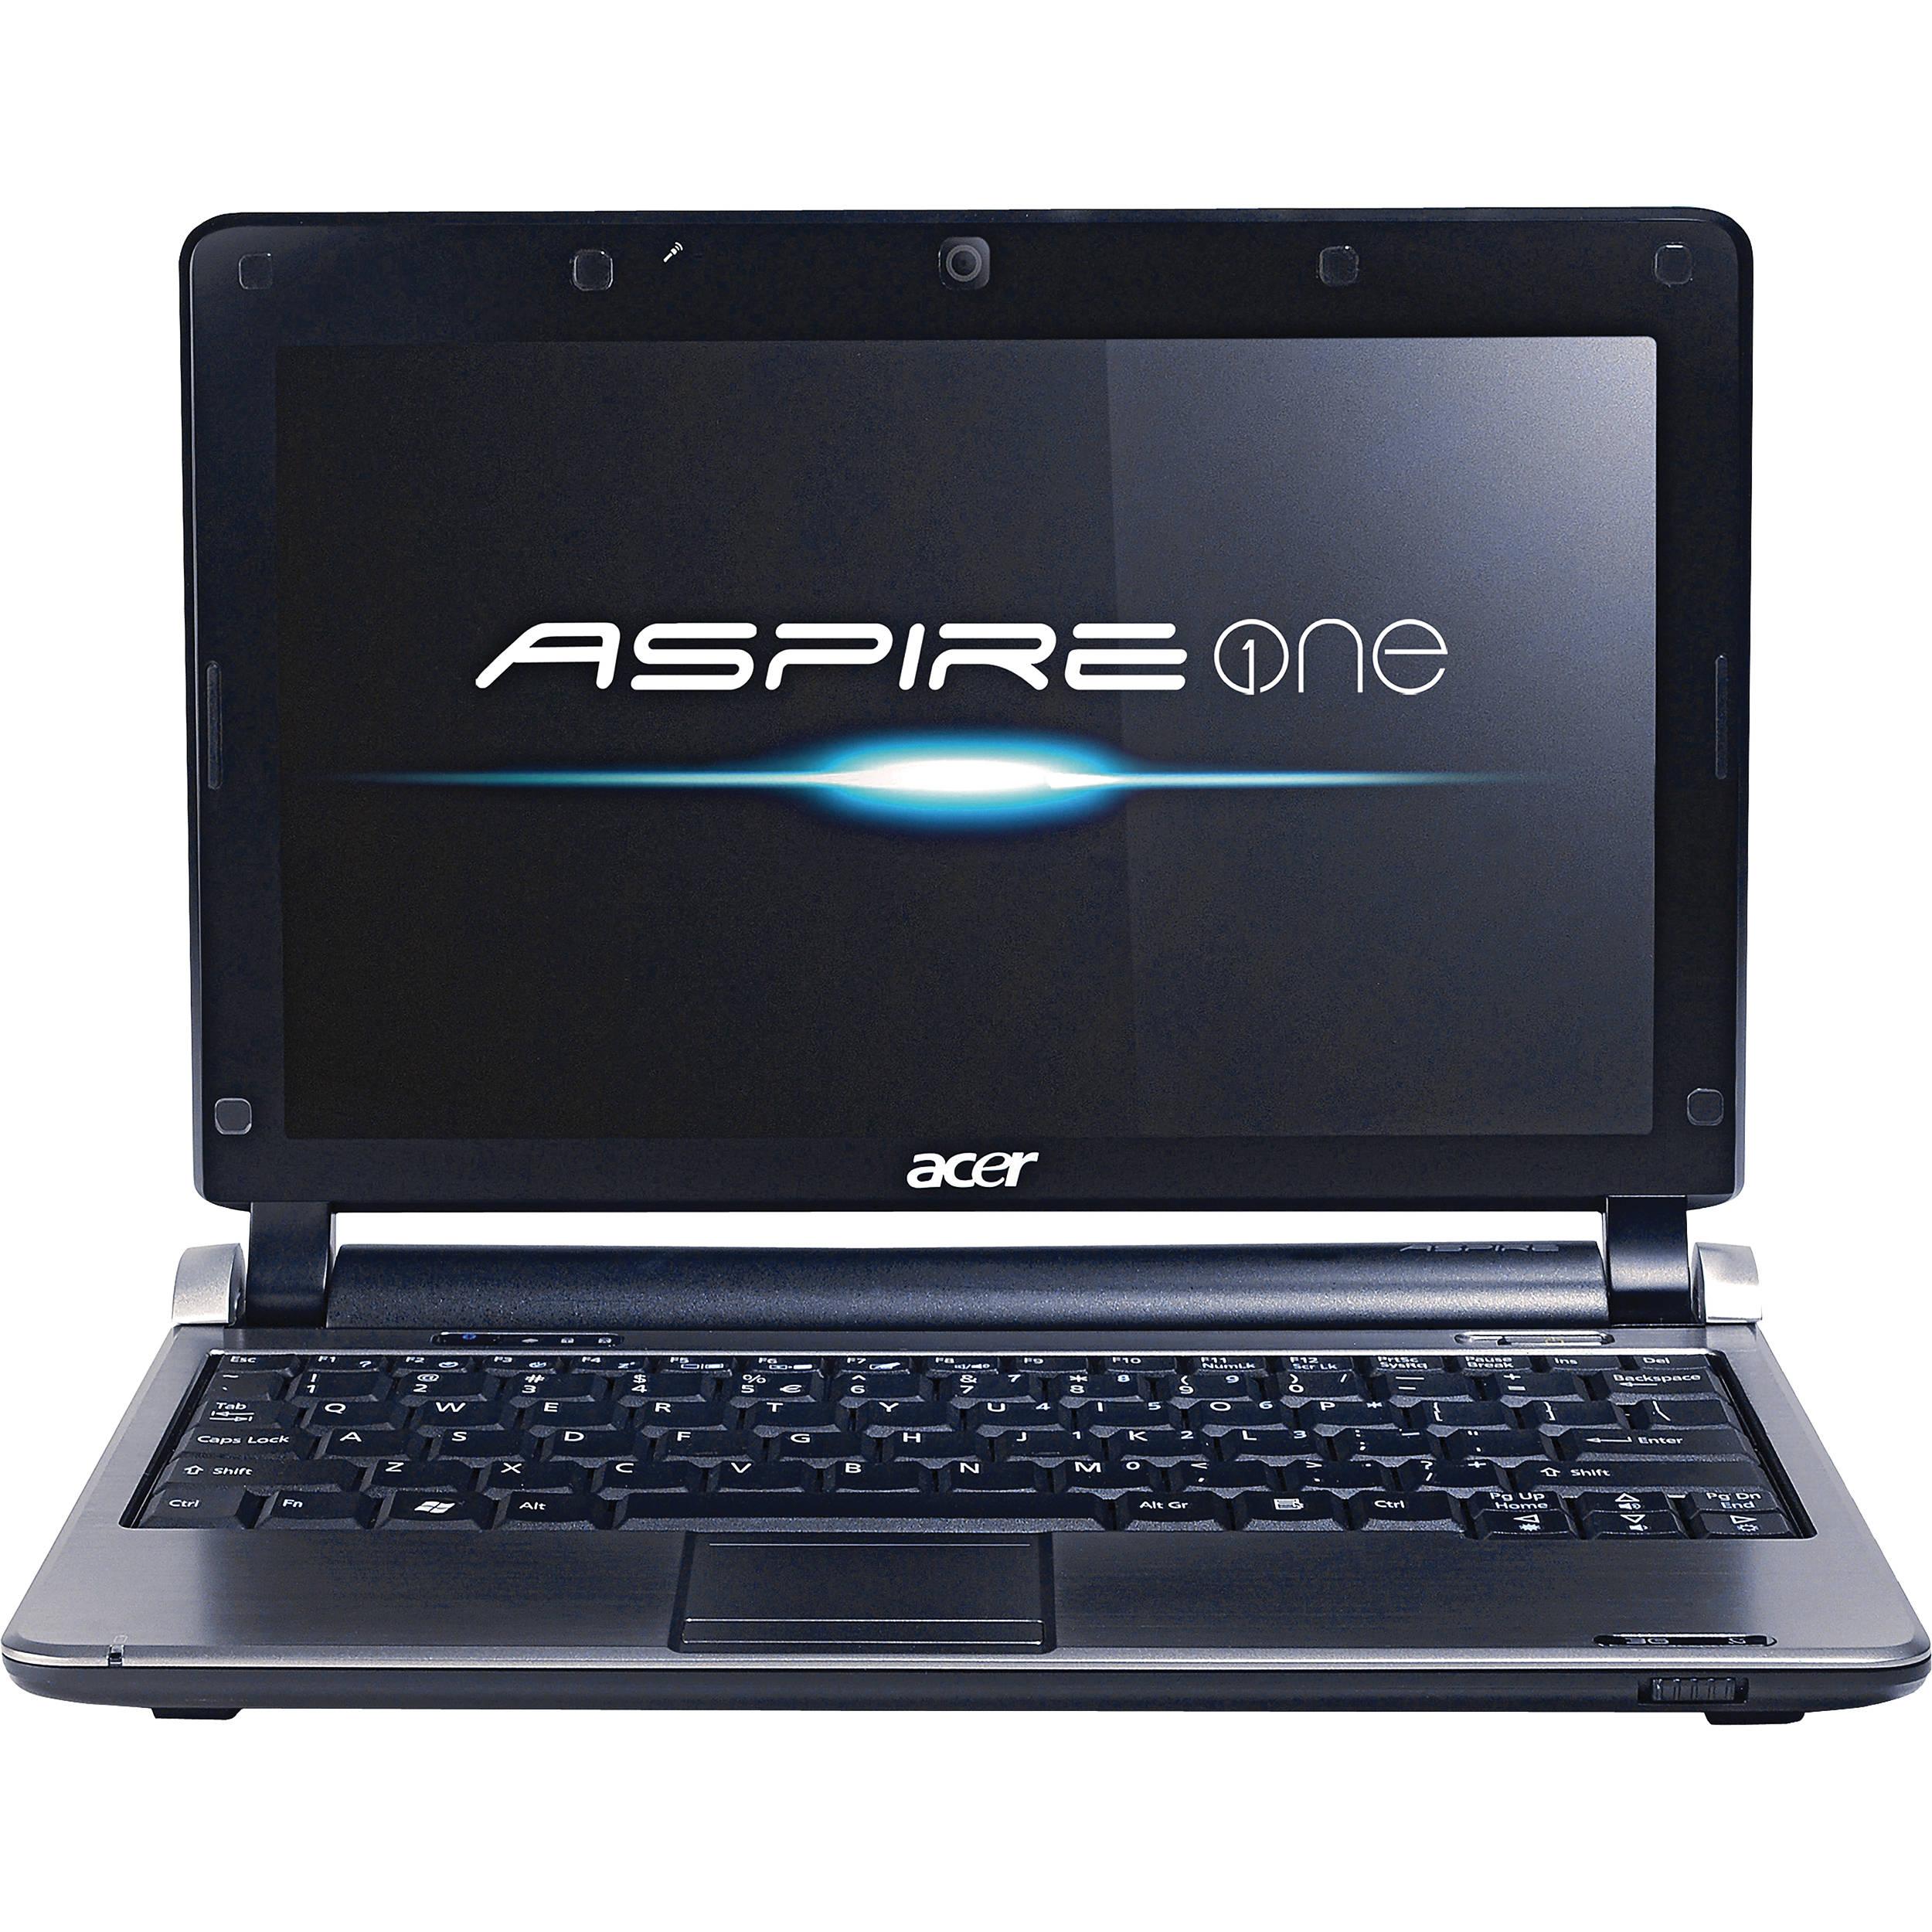 Acer AOD250 Camera Driver